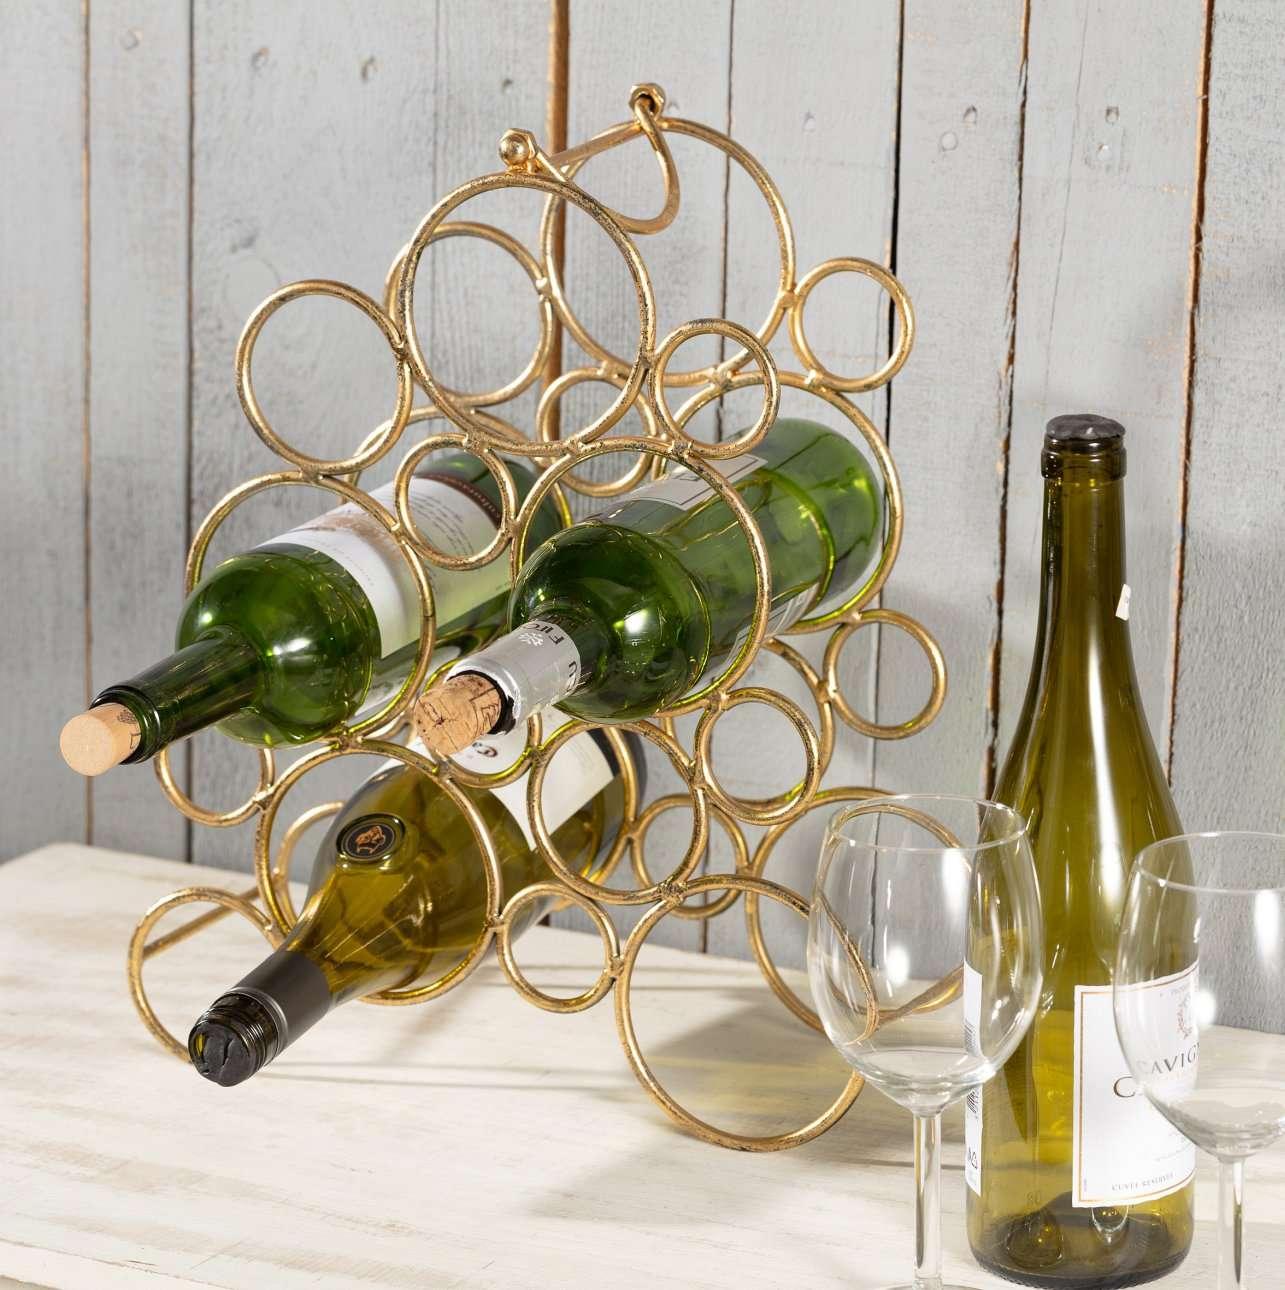 Stojak na wino Bubbly wys. 38cm